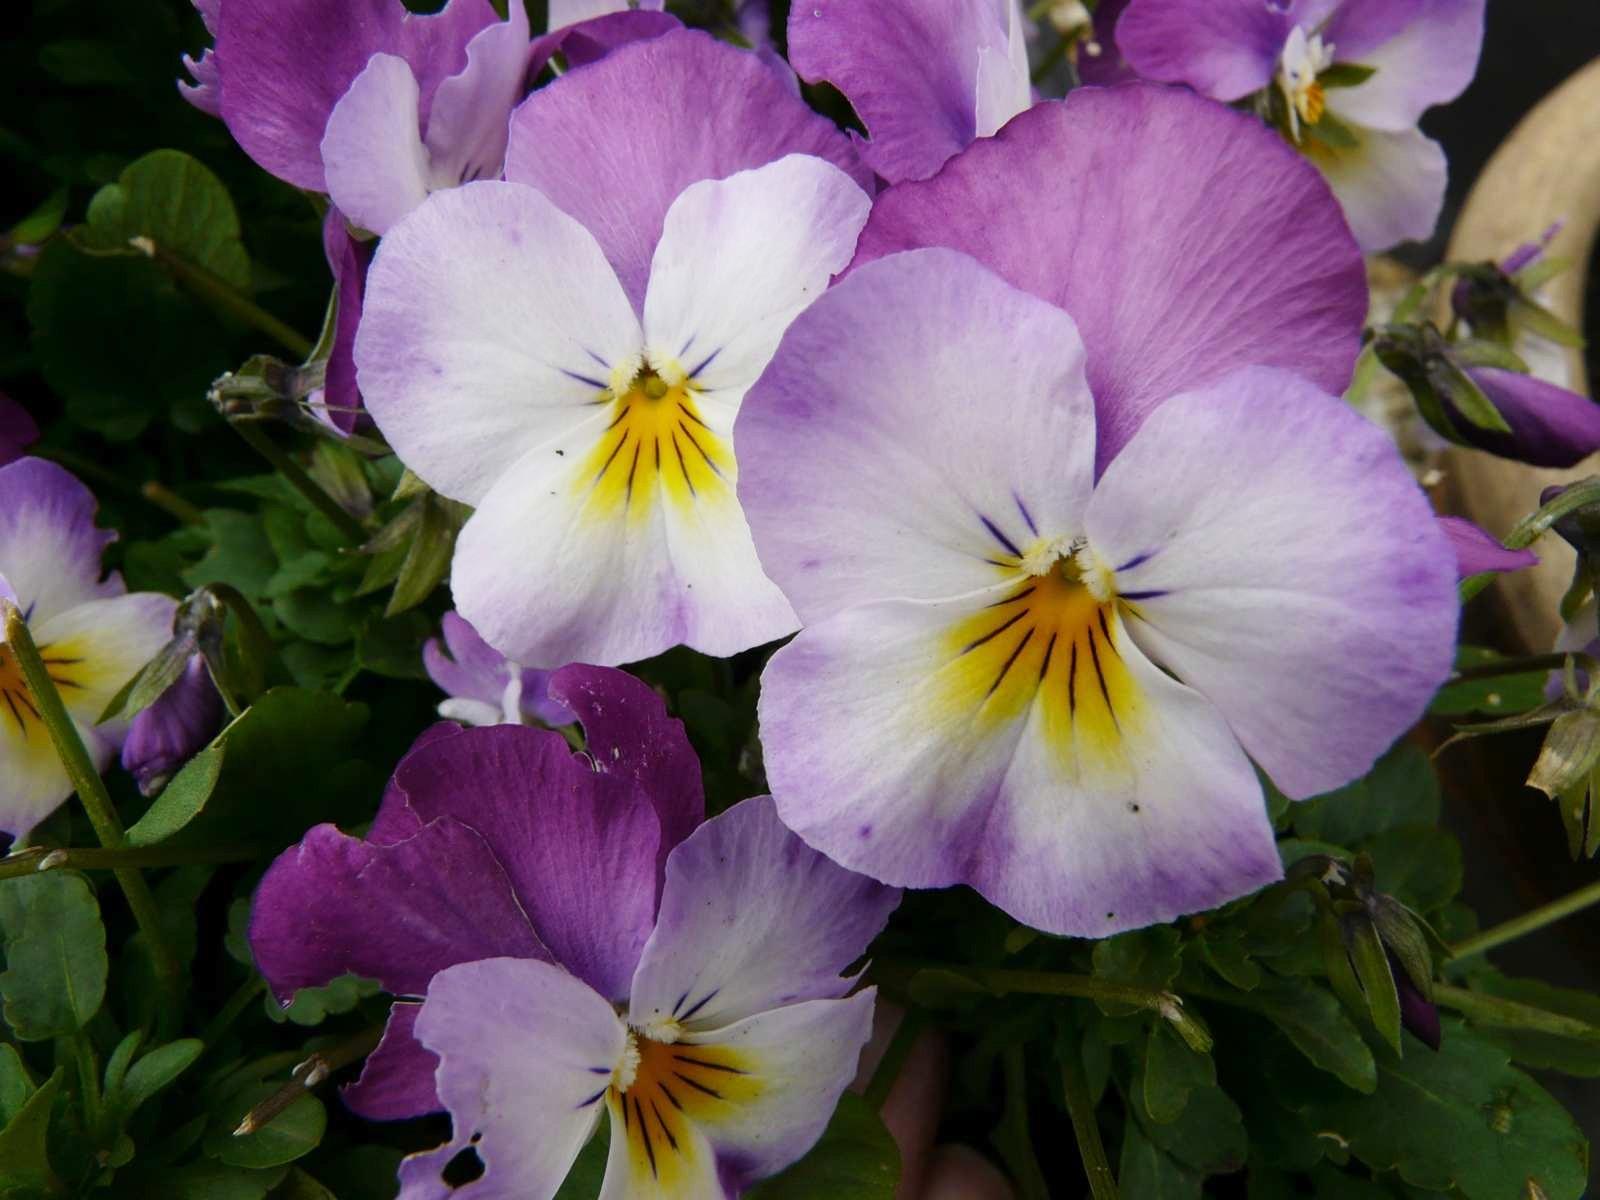 Les fleurs rares les nom de fleurs for Fleurs et fleurs